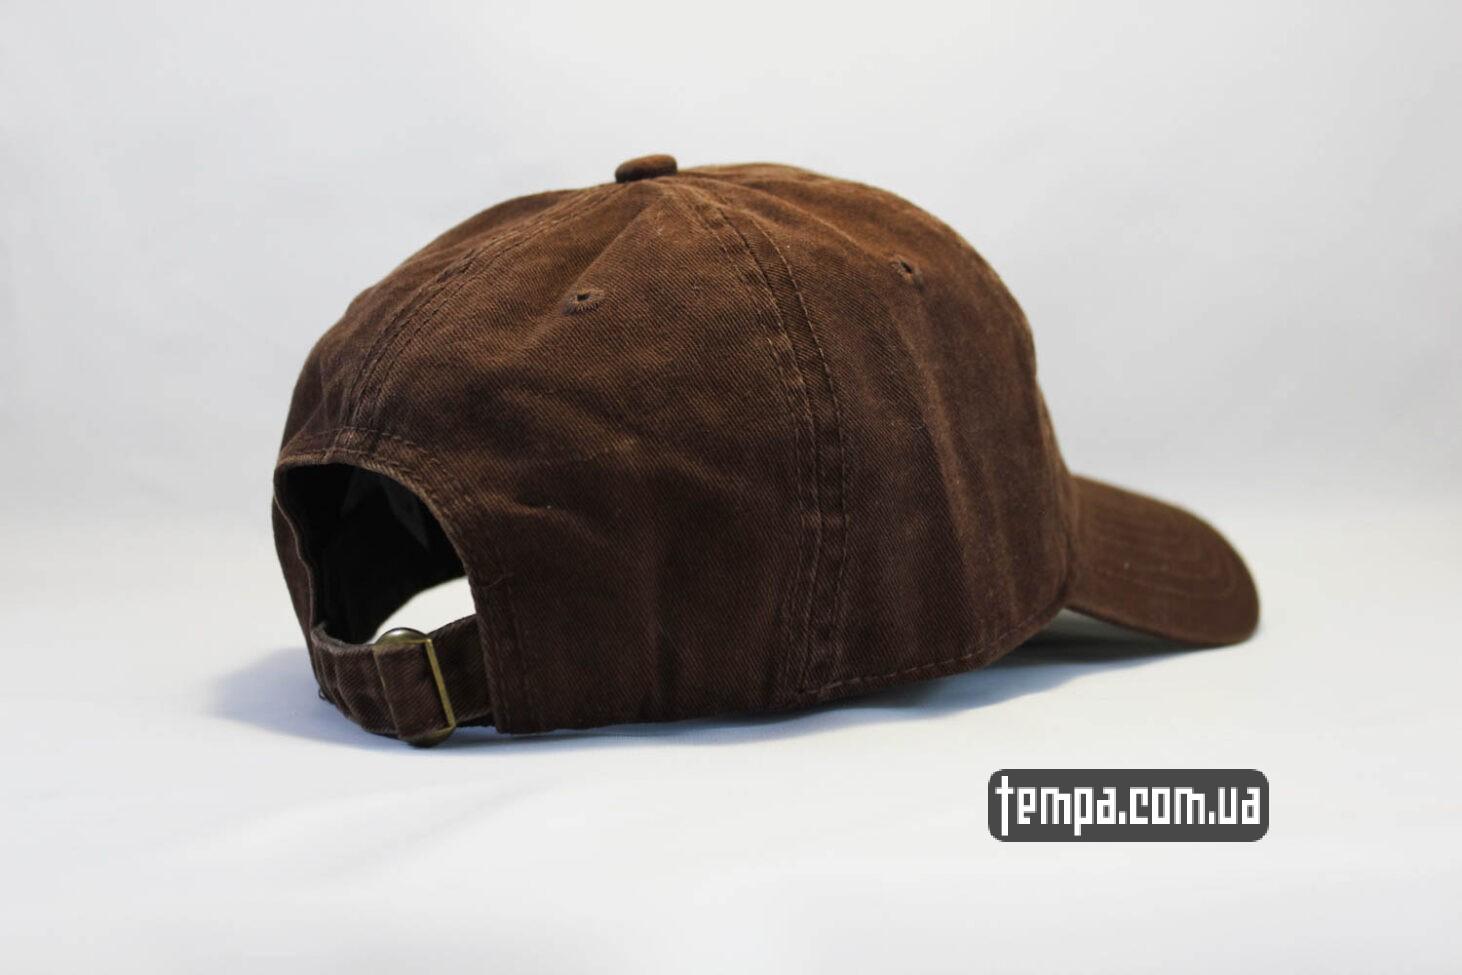 кепка снепбек коричневая бейсболка Carhartt купить Украина